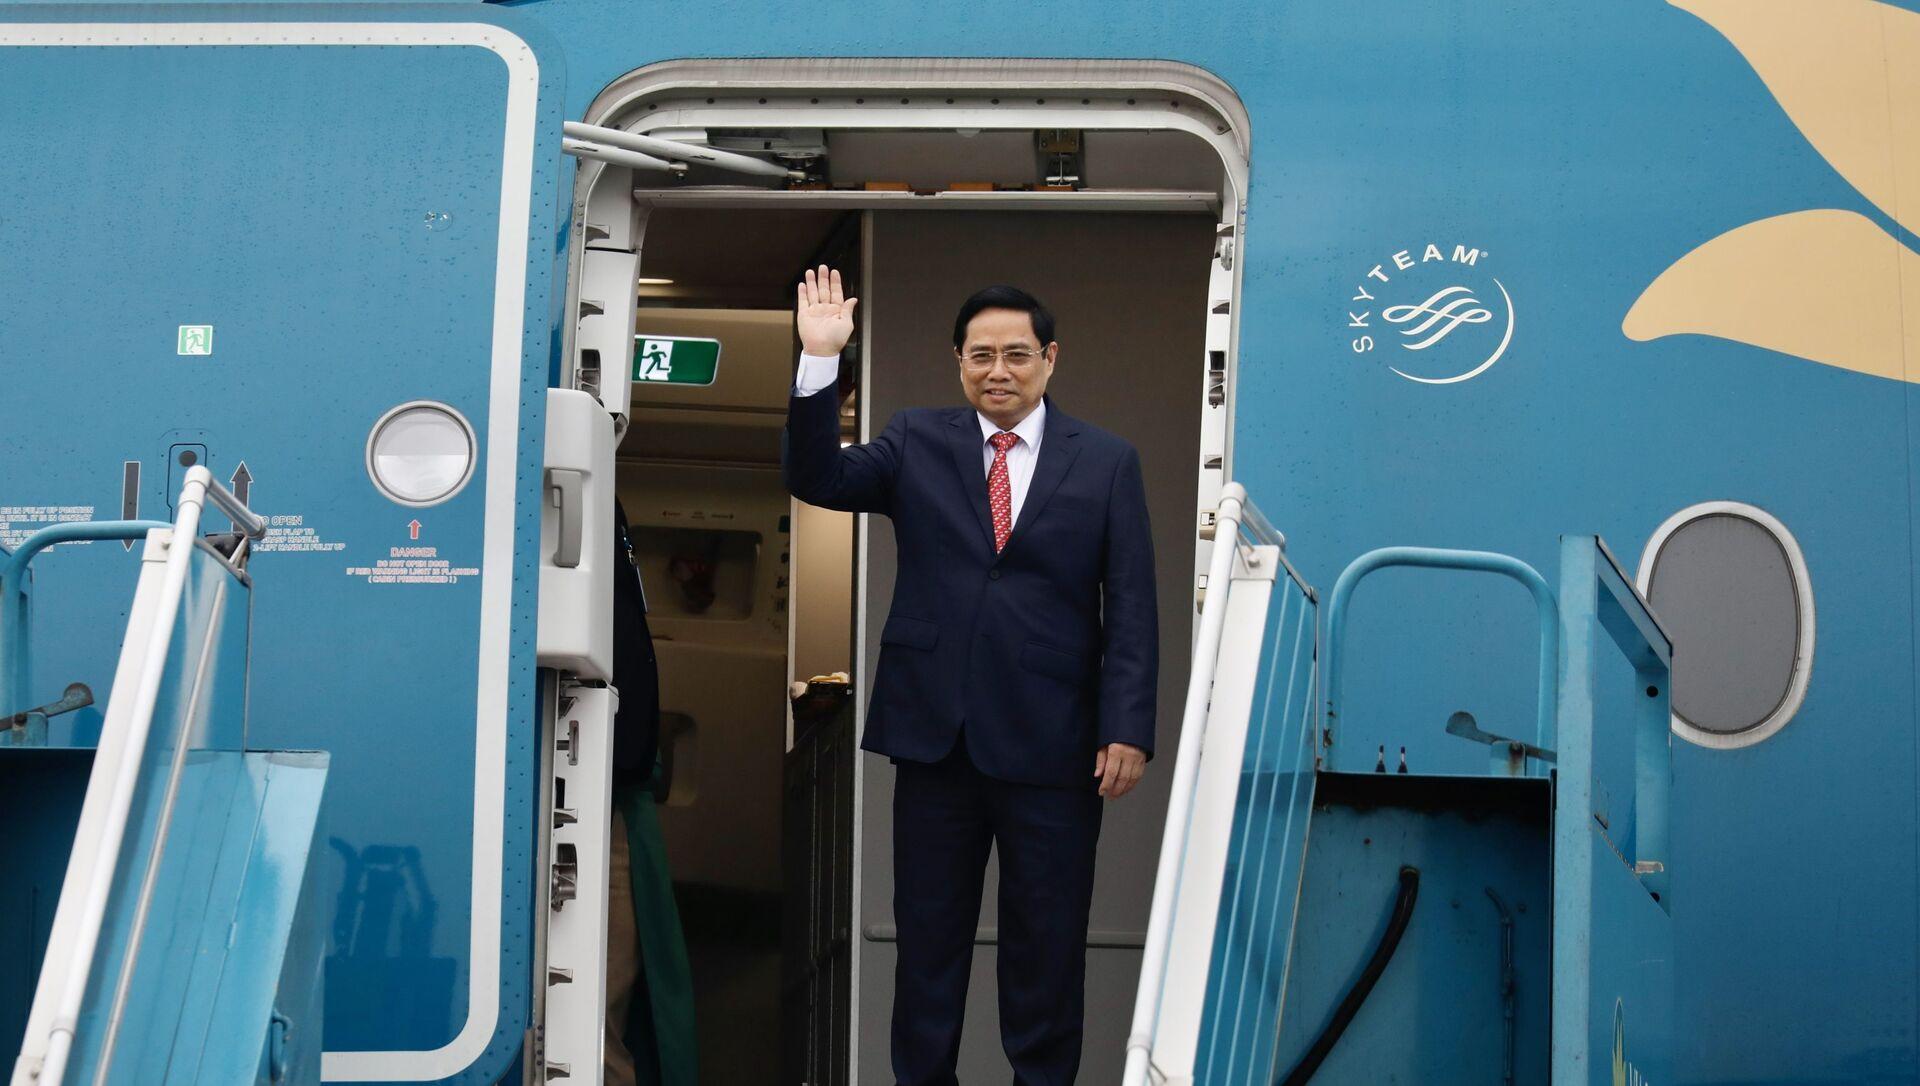 Thủ tướng Phạm Minh Chính lên đường tham dự Hội nghị các Nhà Lãnh đạo ASEAN tại Indonesia - Sputnik Việt Nam, 1920, 23.04.2021